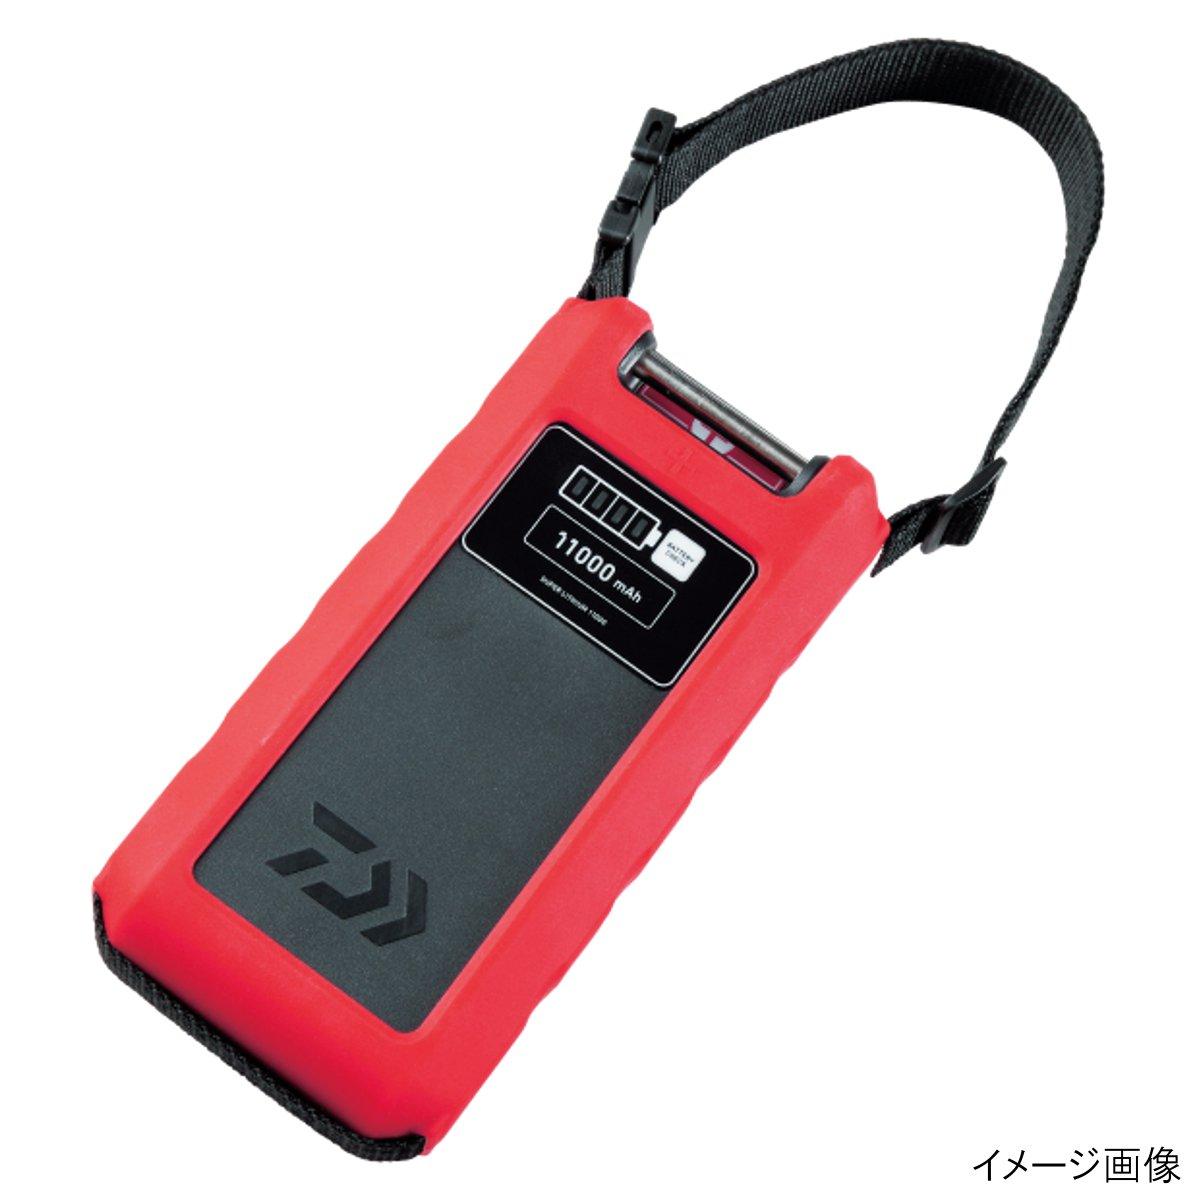 ダイワ スーパーリチウム 11000WP-C(充電器付き)【送料無料】